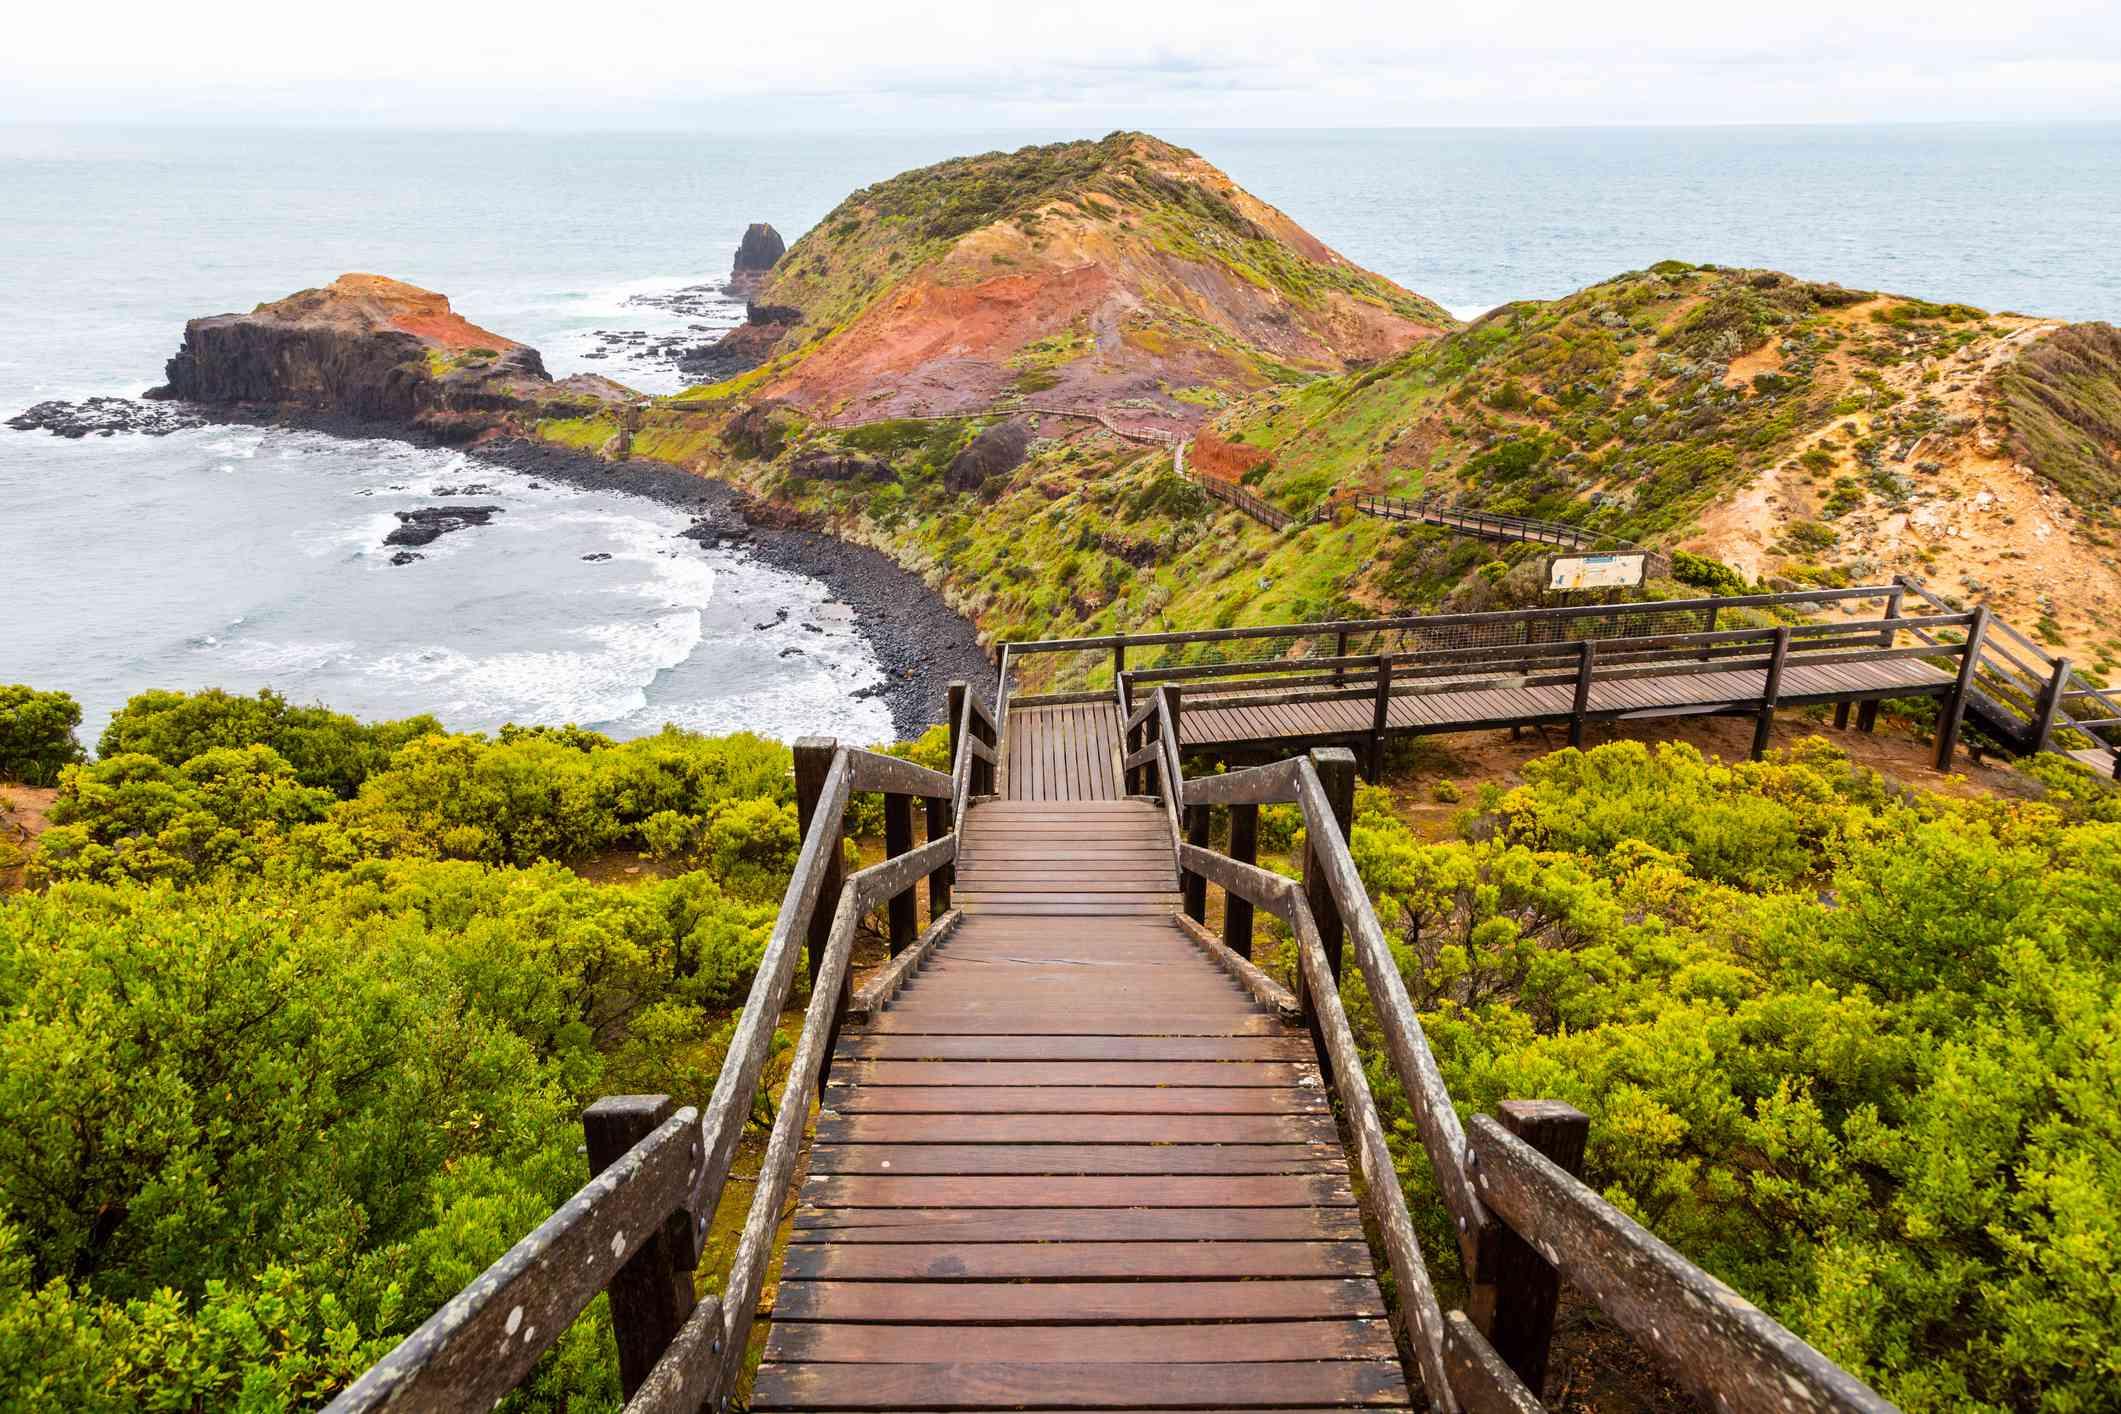 Escaleras Cape Schanck